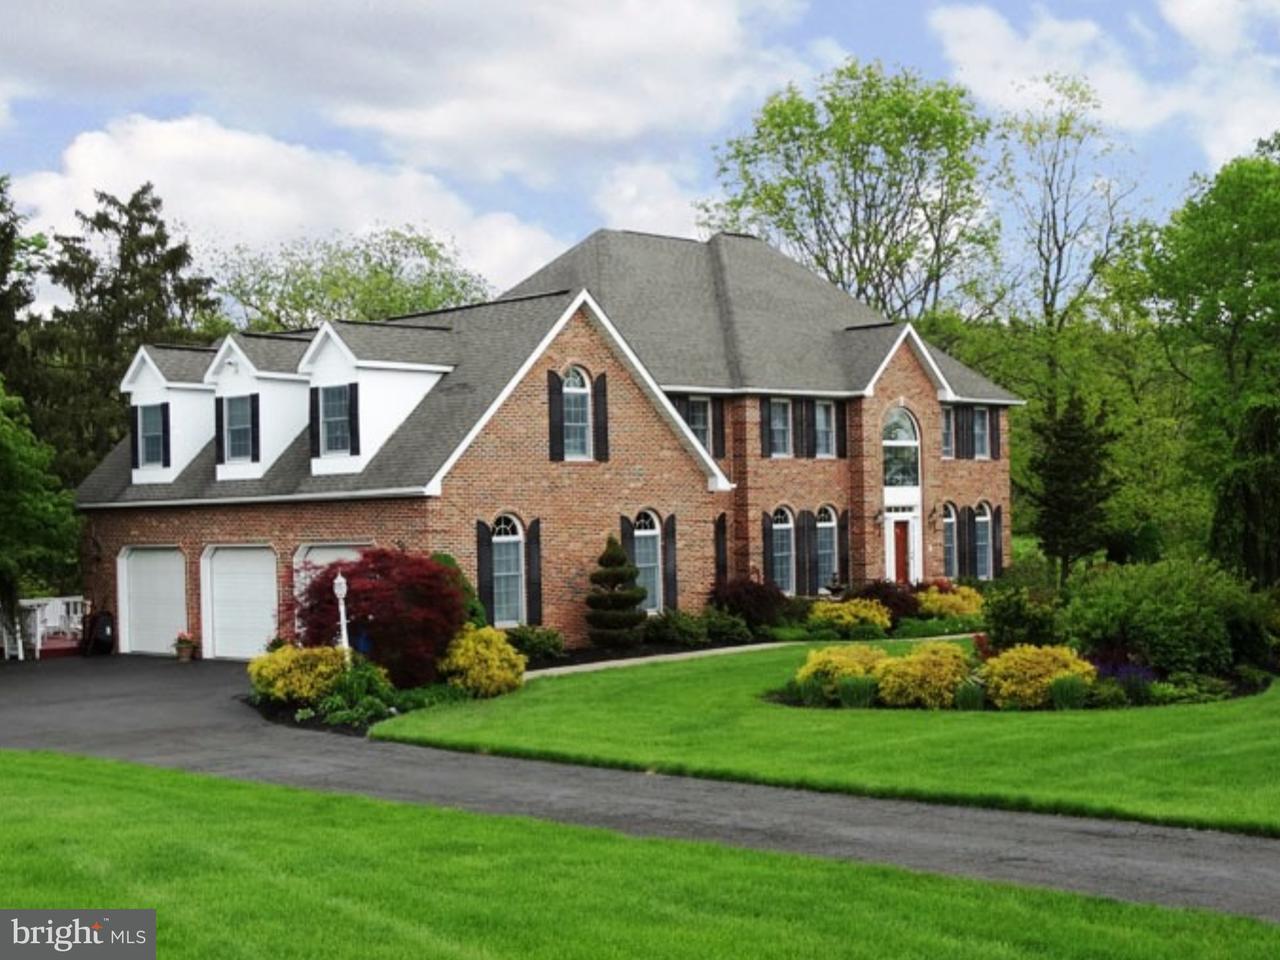 Maison unifamiliale pour l à louer à 14 DEVONSHIRE Drive New Hope, Pennsylvanie 18938 États-UnisDans/Autour: Solebury Township